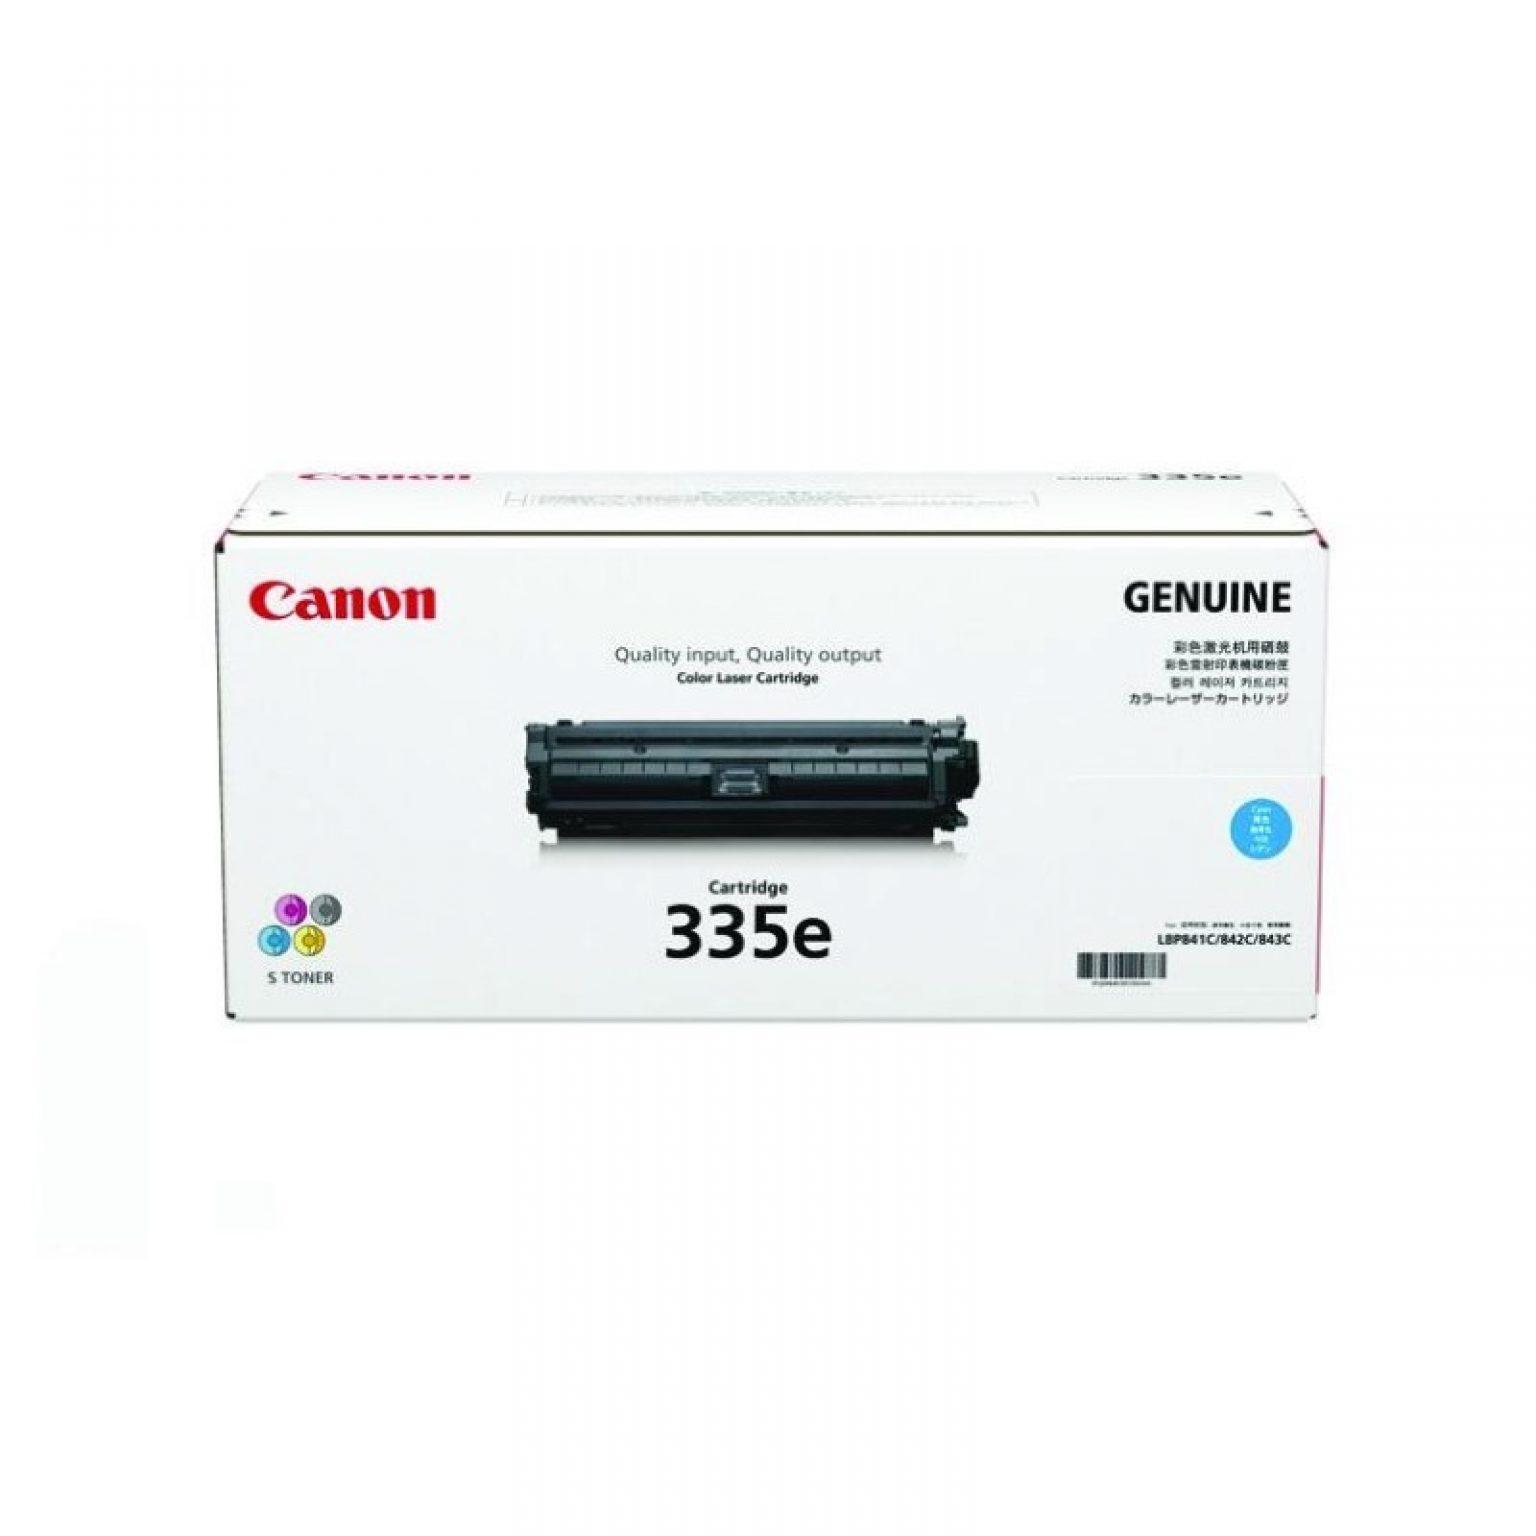 CANON - Toner cartridge Eco 335 cyan for LBP841CDN/843CX [EP335E_C]